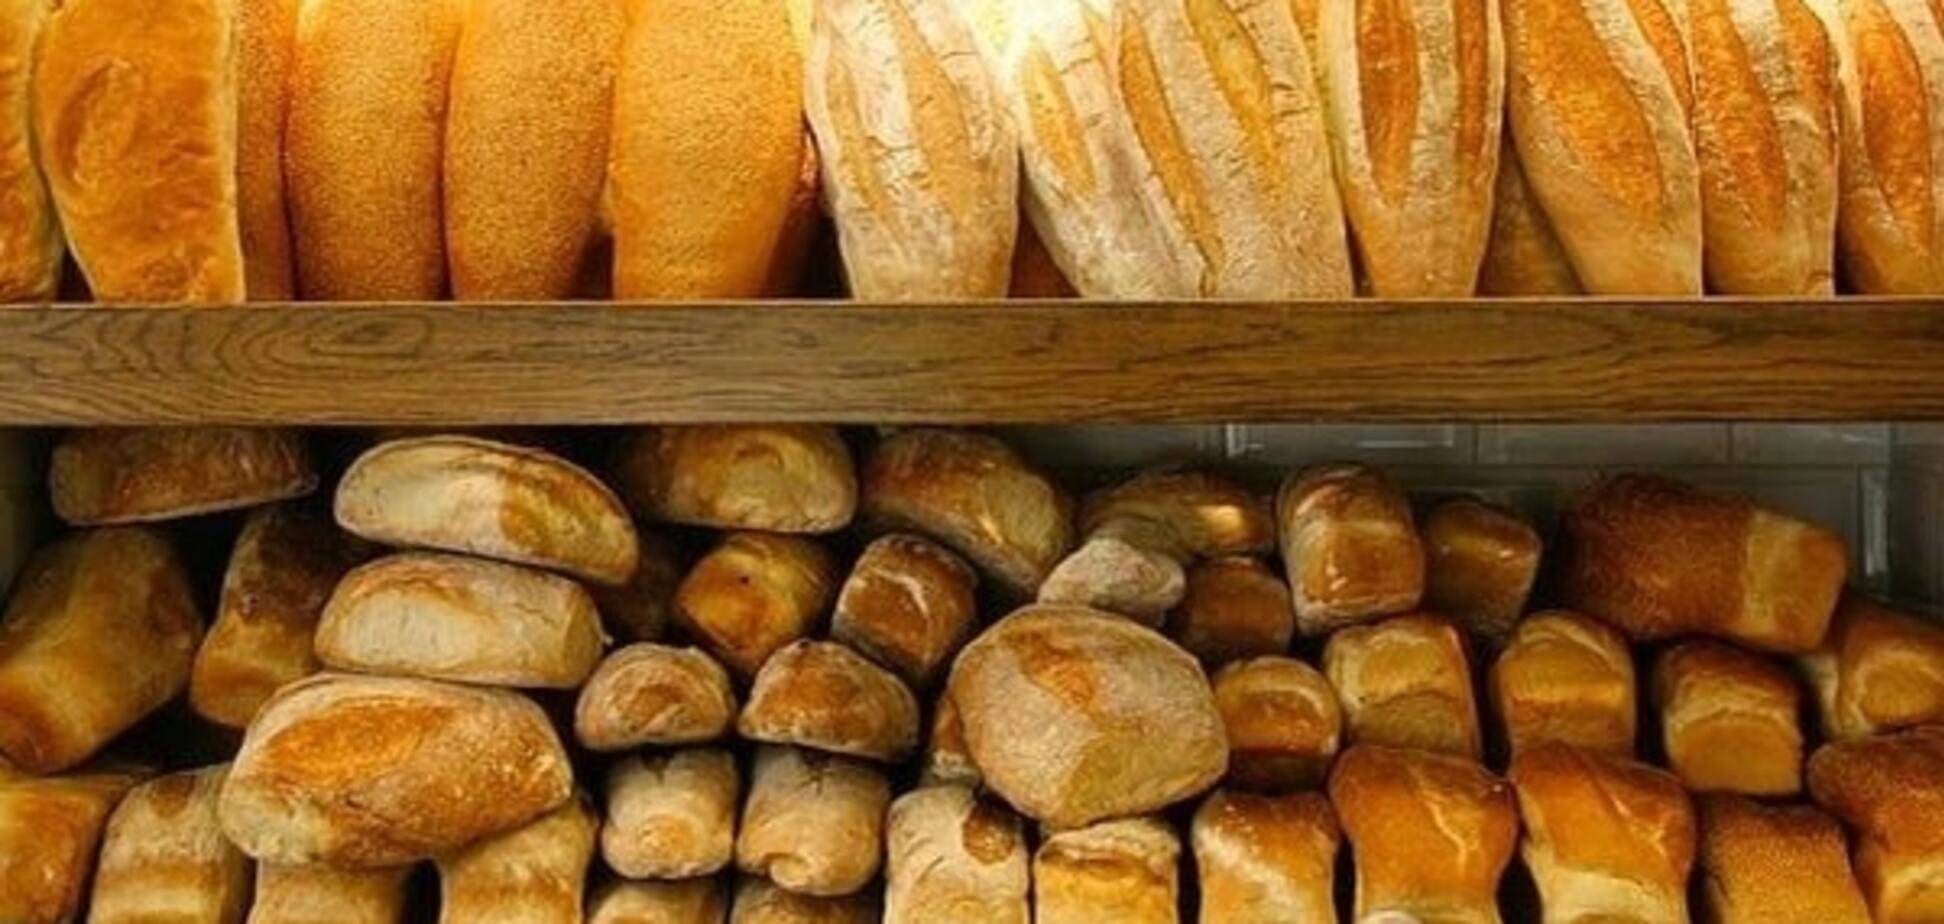 Украинцев предупредили о резком подорожании хлеба